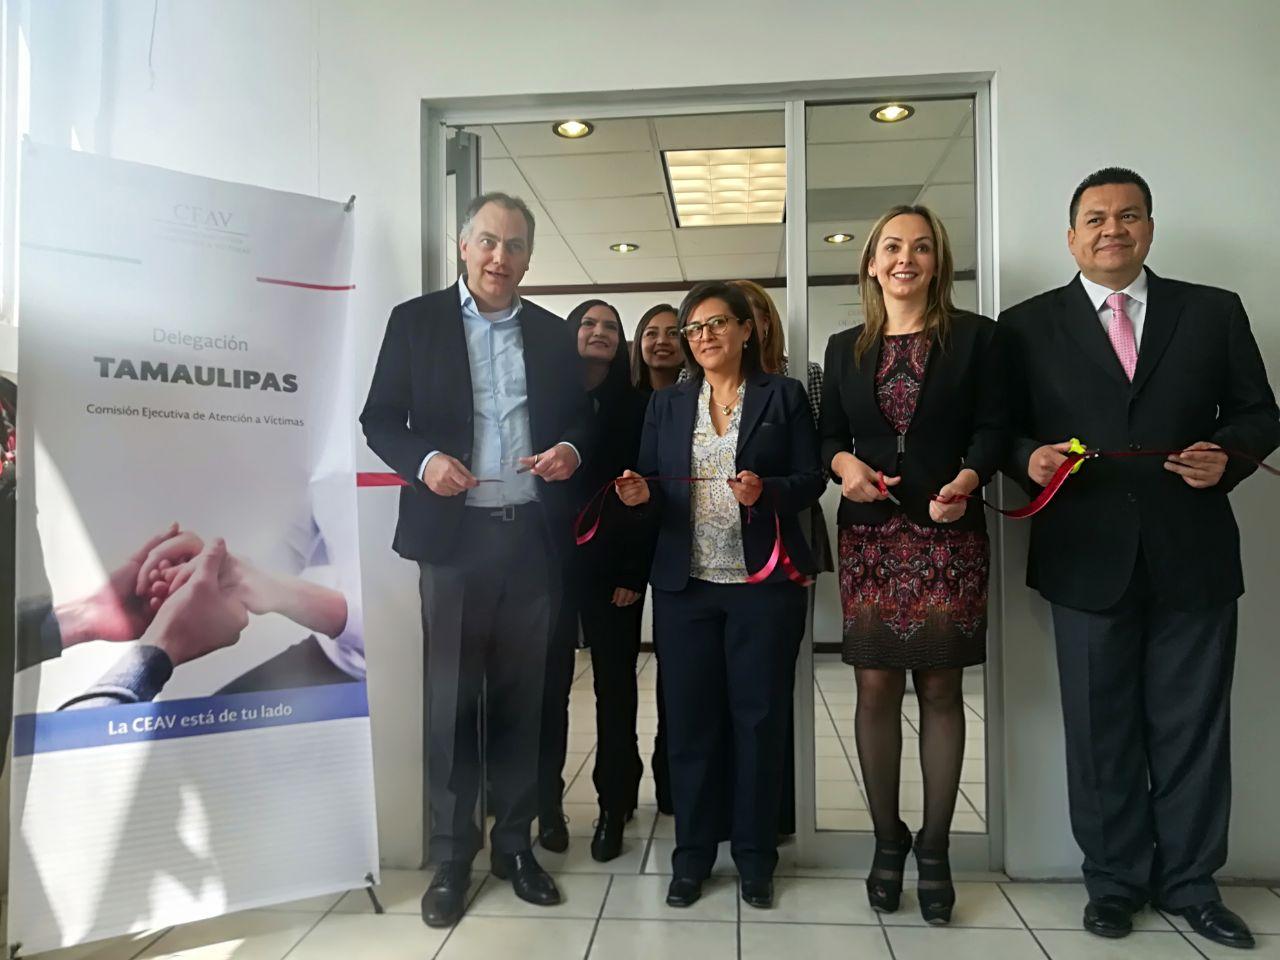 Inauguración de la Delegación de Tamaulipas de la CEAV